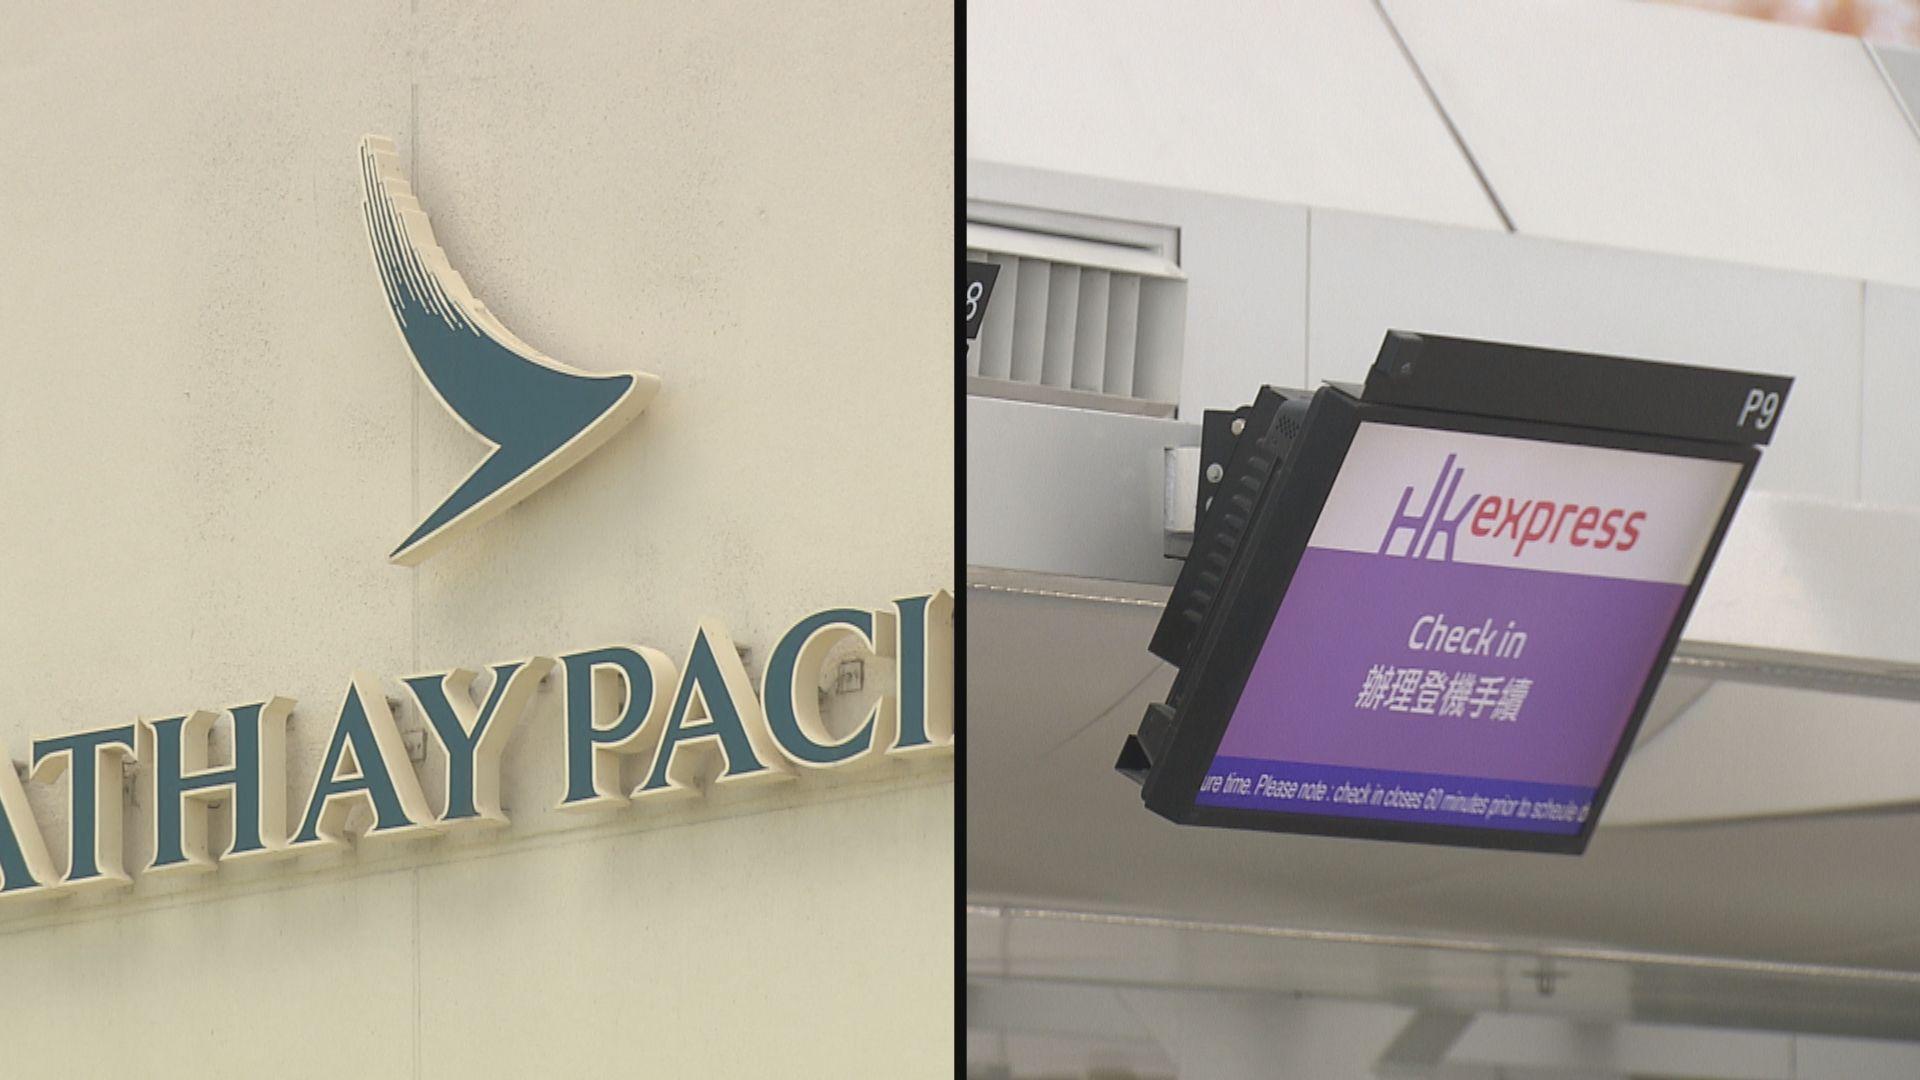 【高層冇得留低?】傳今公布買HK Express!國泰股價又炒過